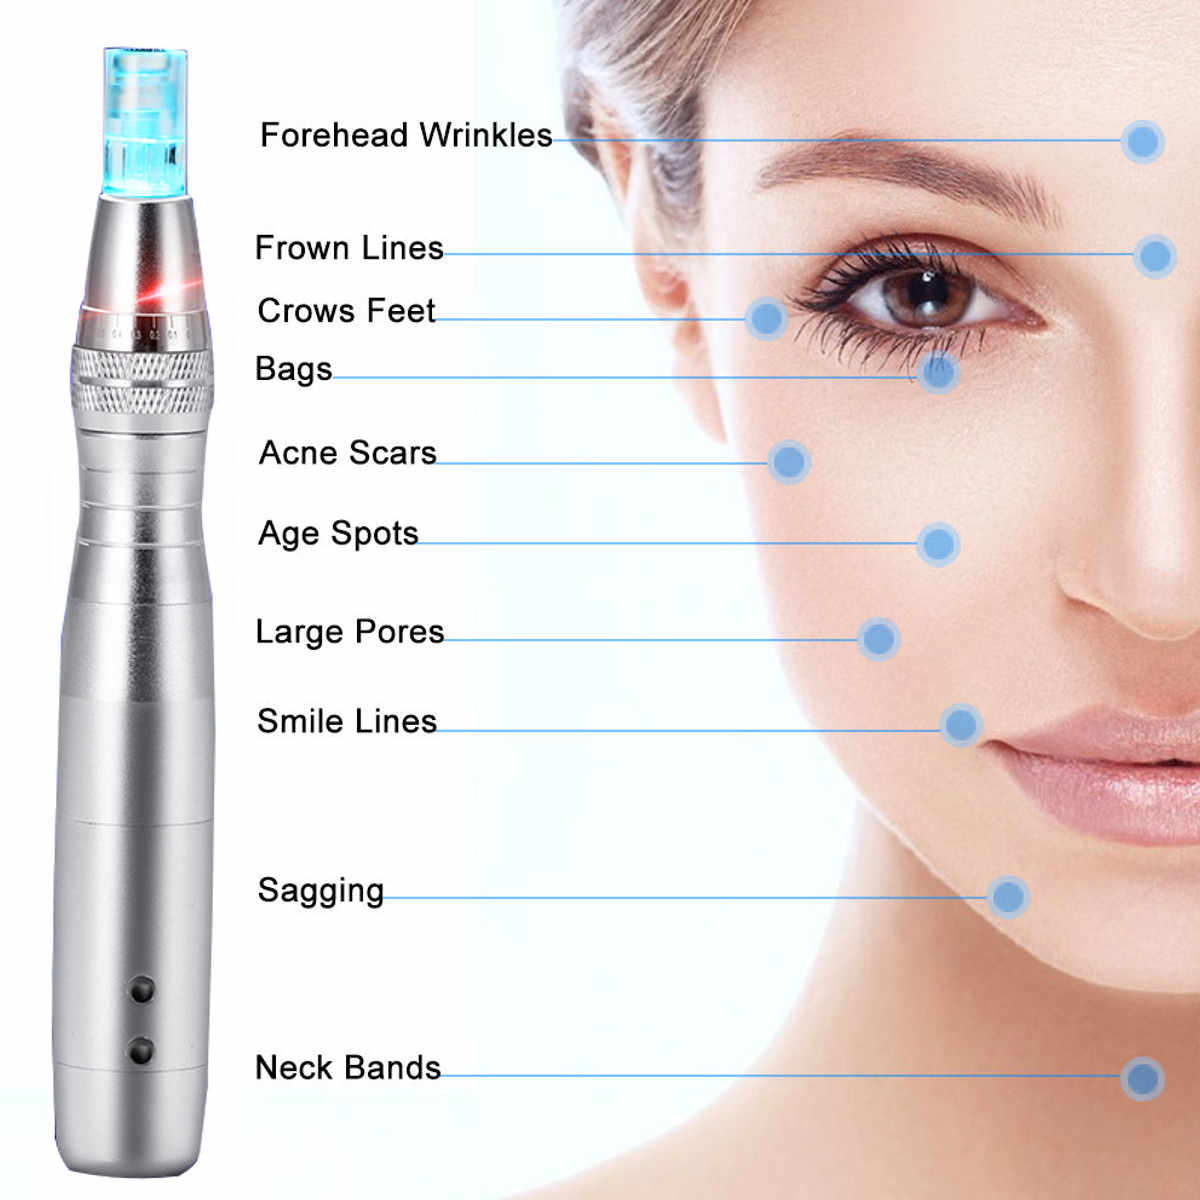 7 цветов светодиодный микро-иглы для стимуляции подтяжки кожи, удаления шрамов, уменьшения морщин, устройство для растягивания кожи, ручка dr derma